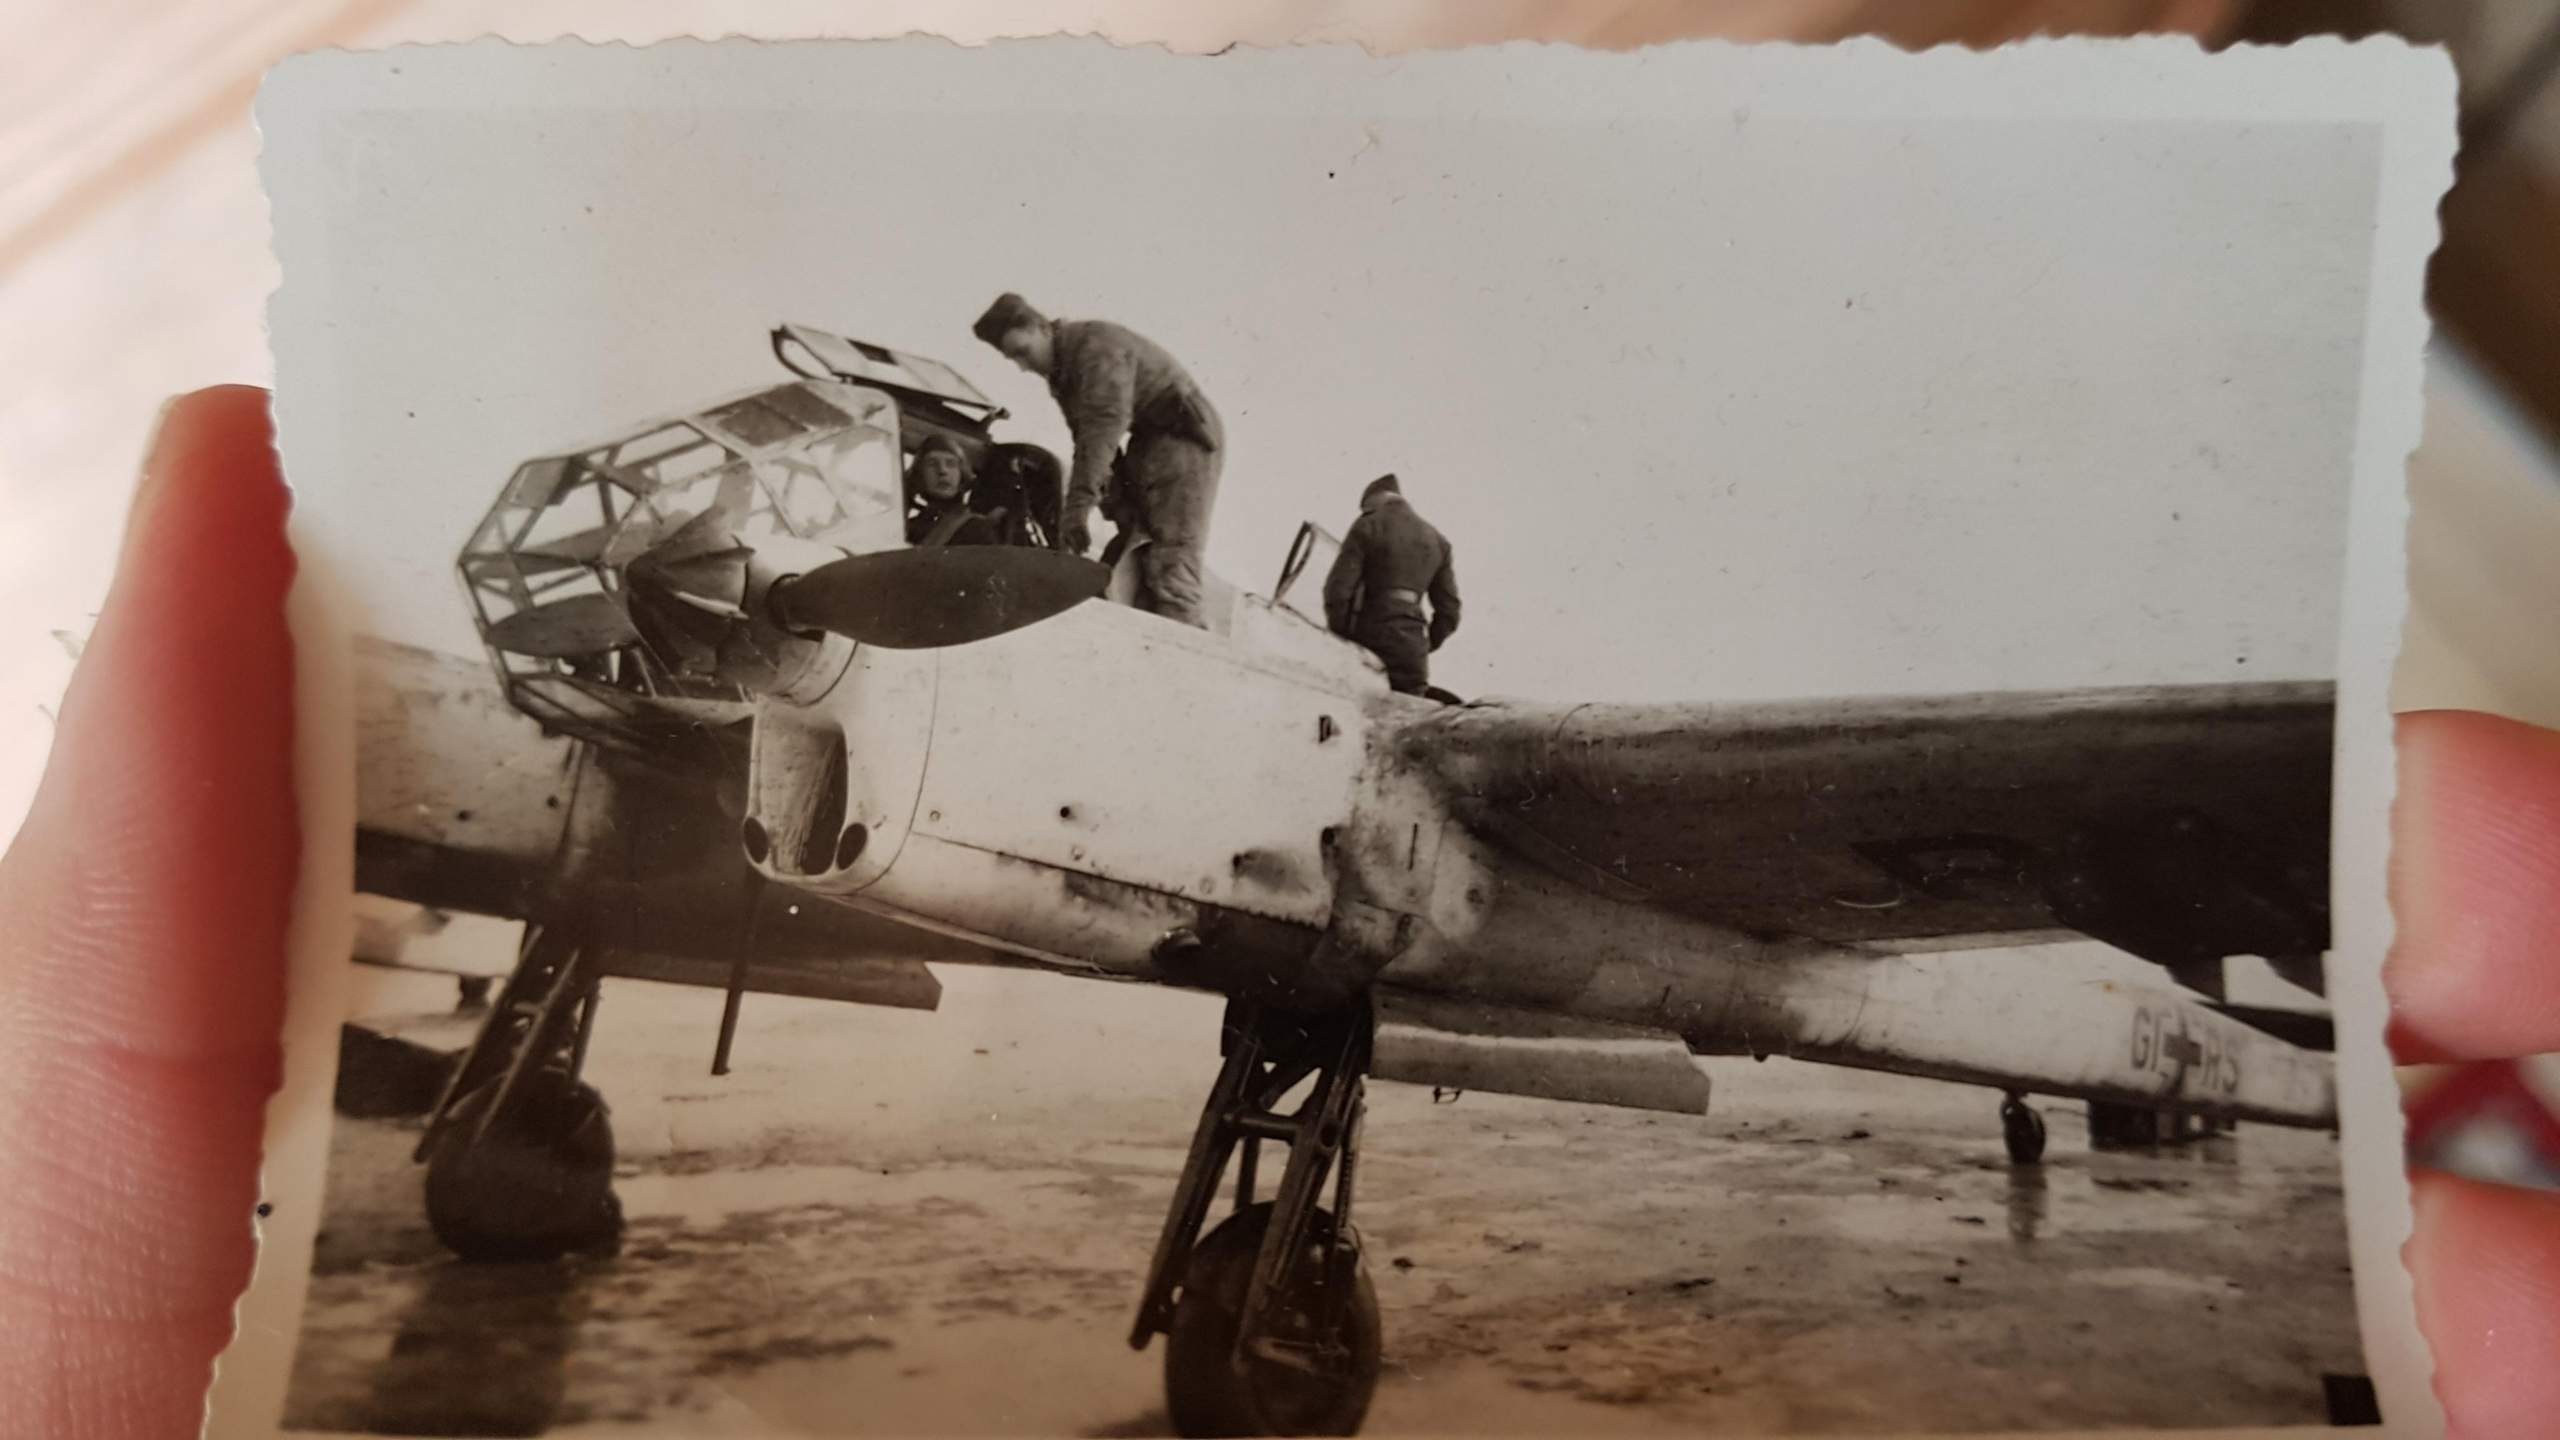 Welches flugzeug könnte das sein? (2. Weltkrieg